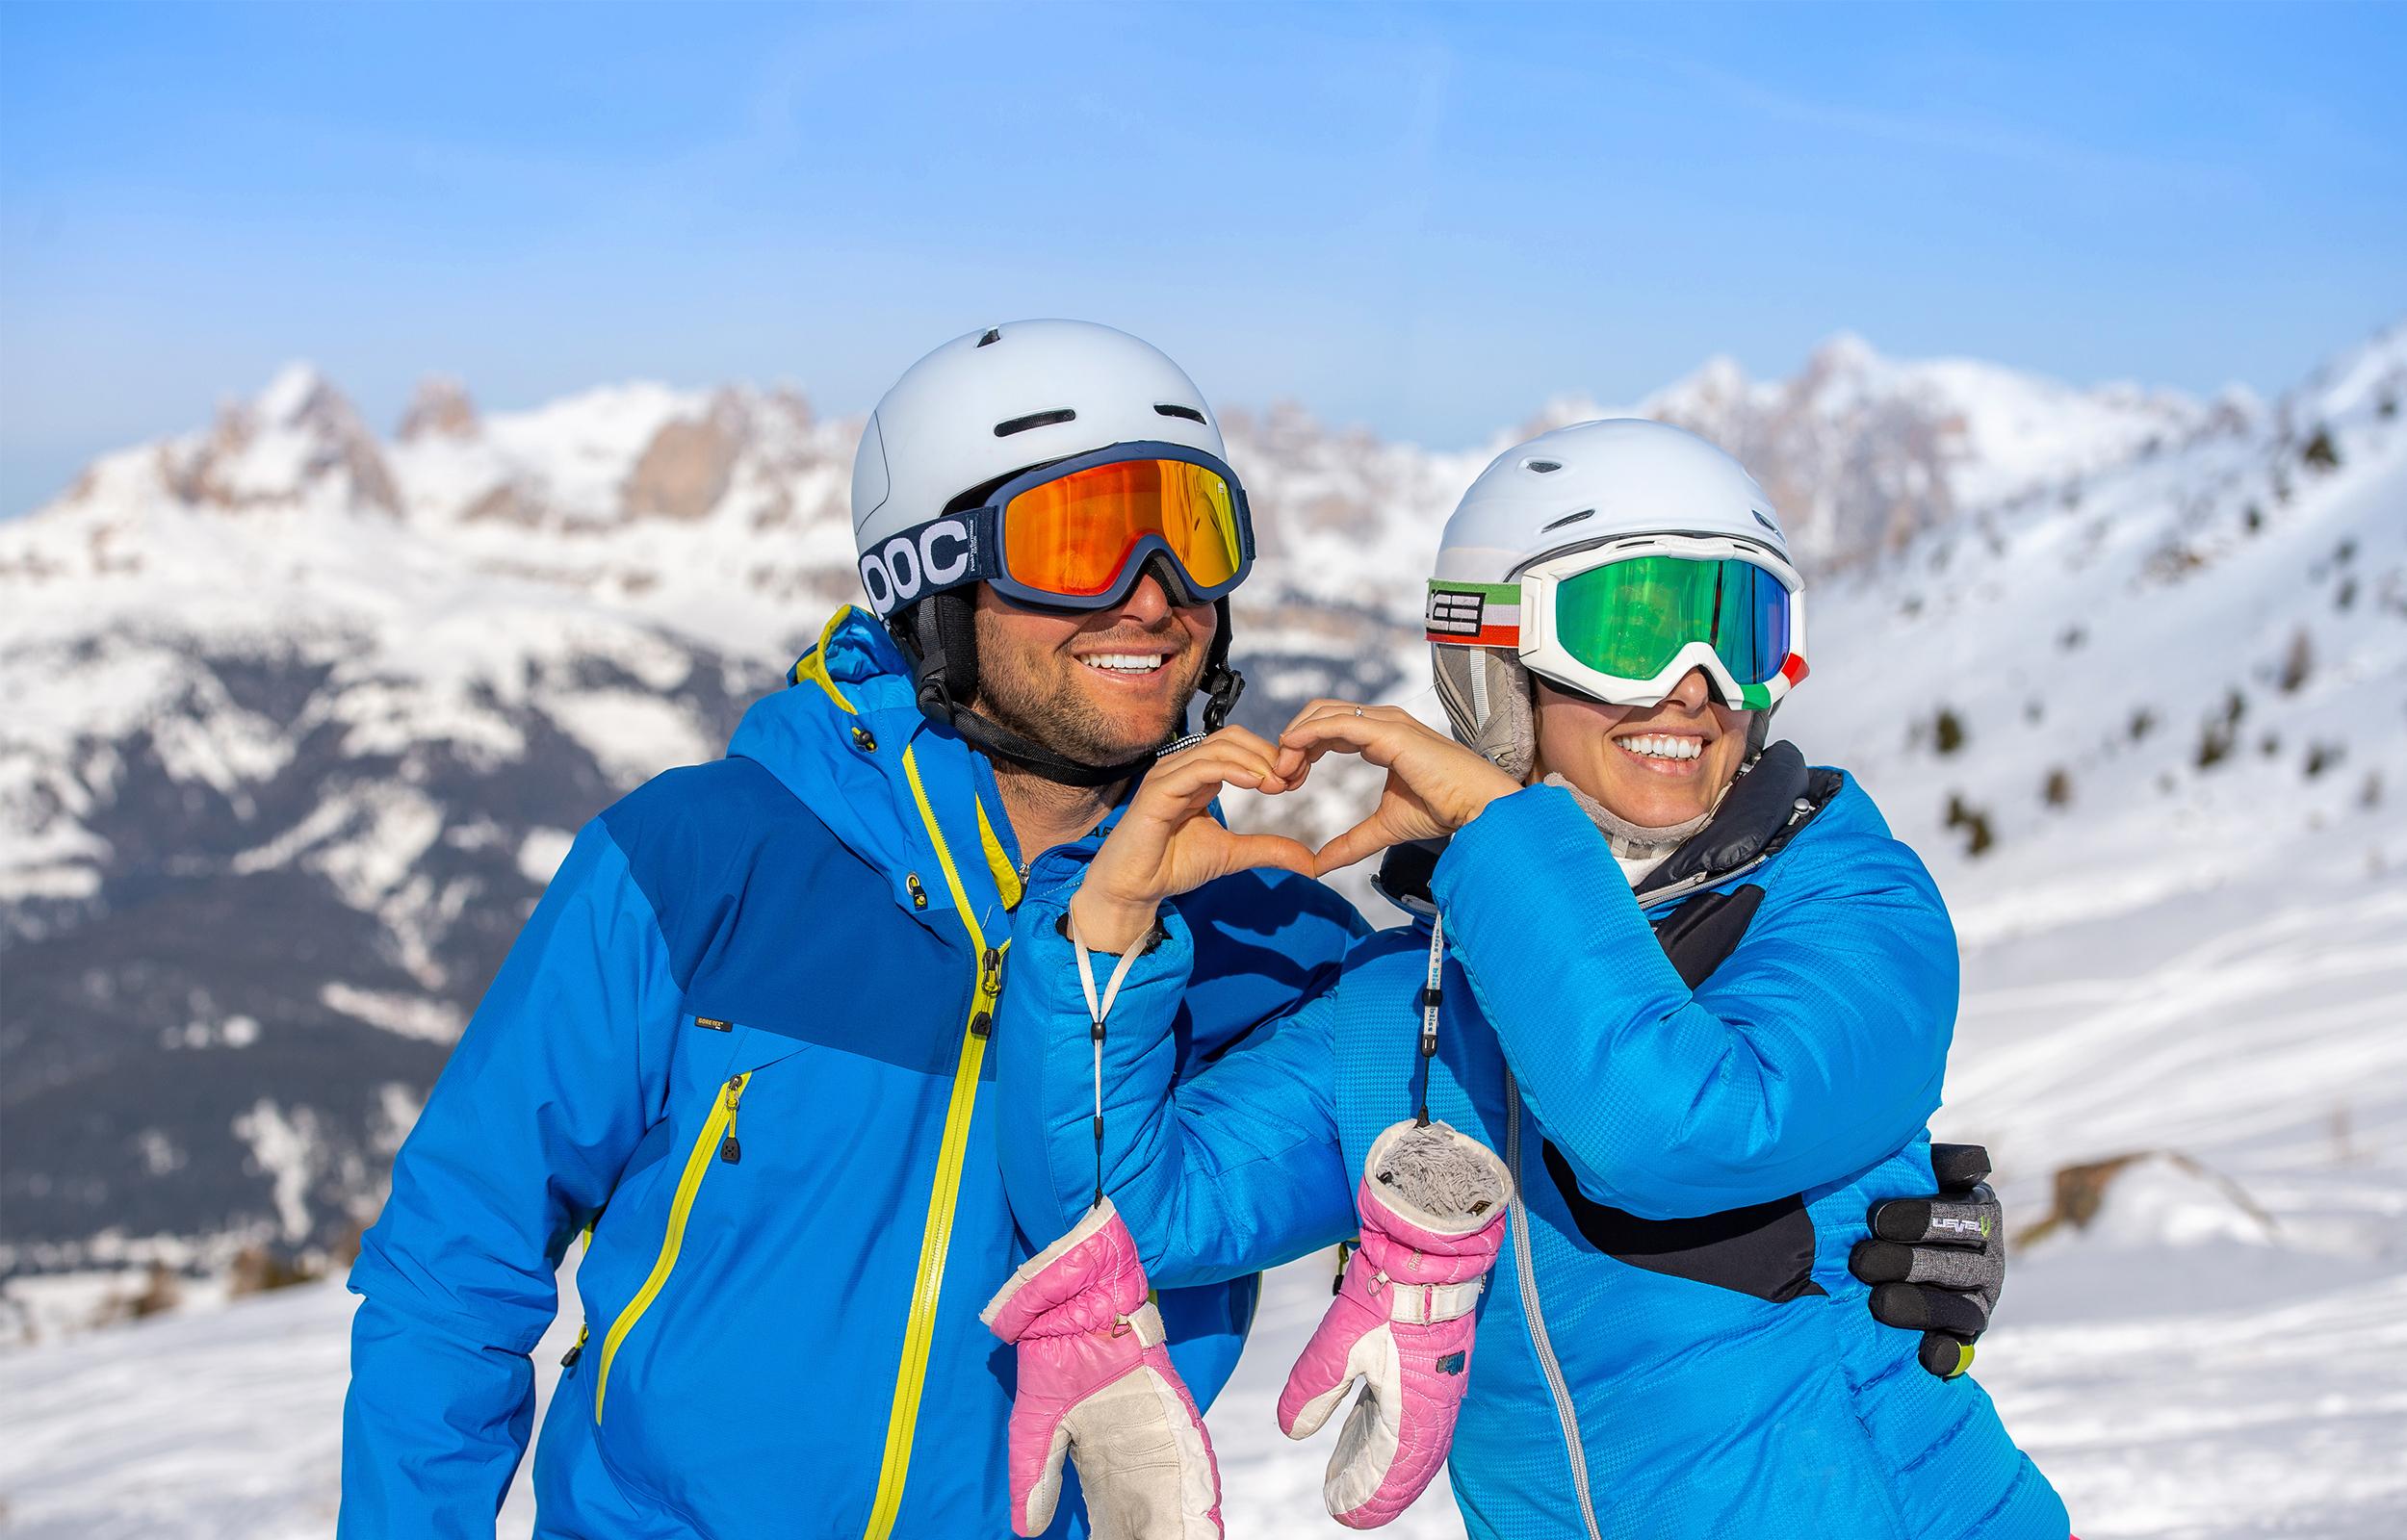 Skiurlaub in den Dolomiten, Pistenspaß inklusive